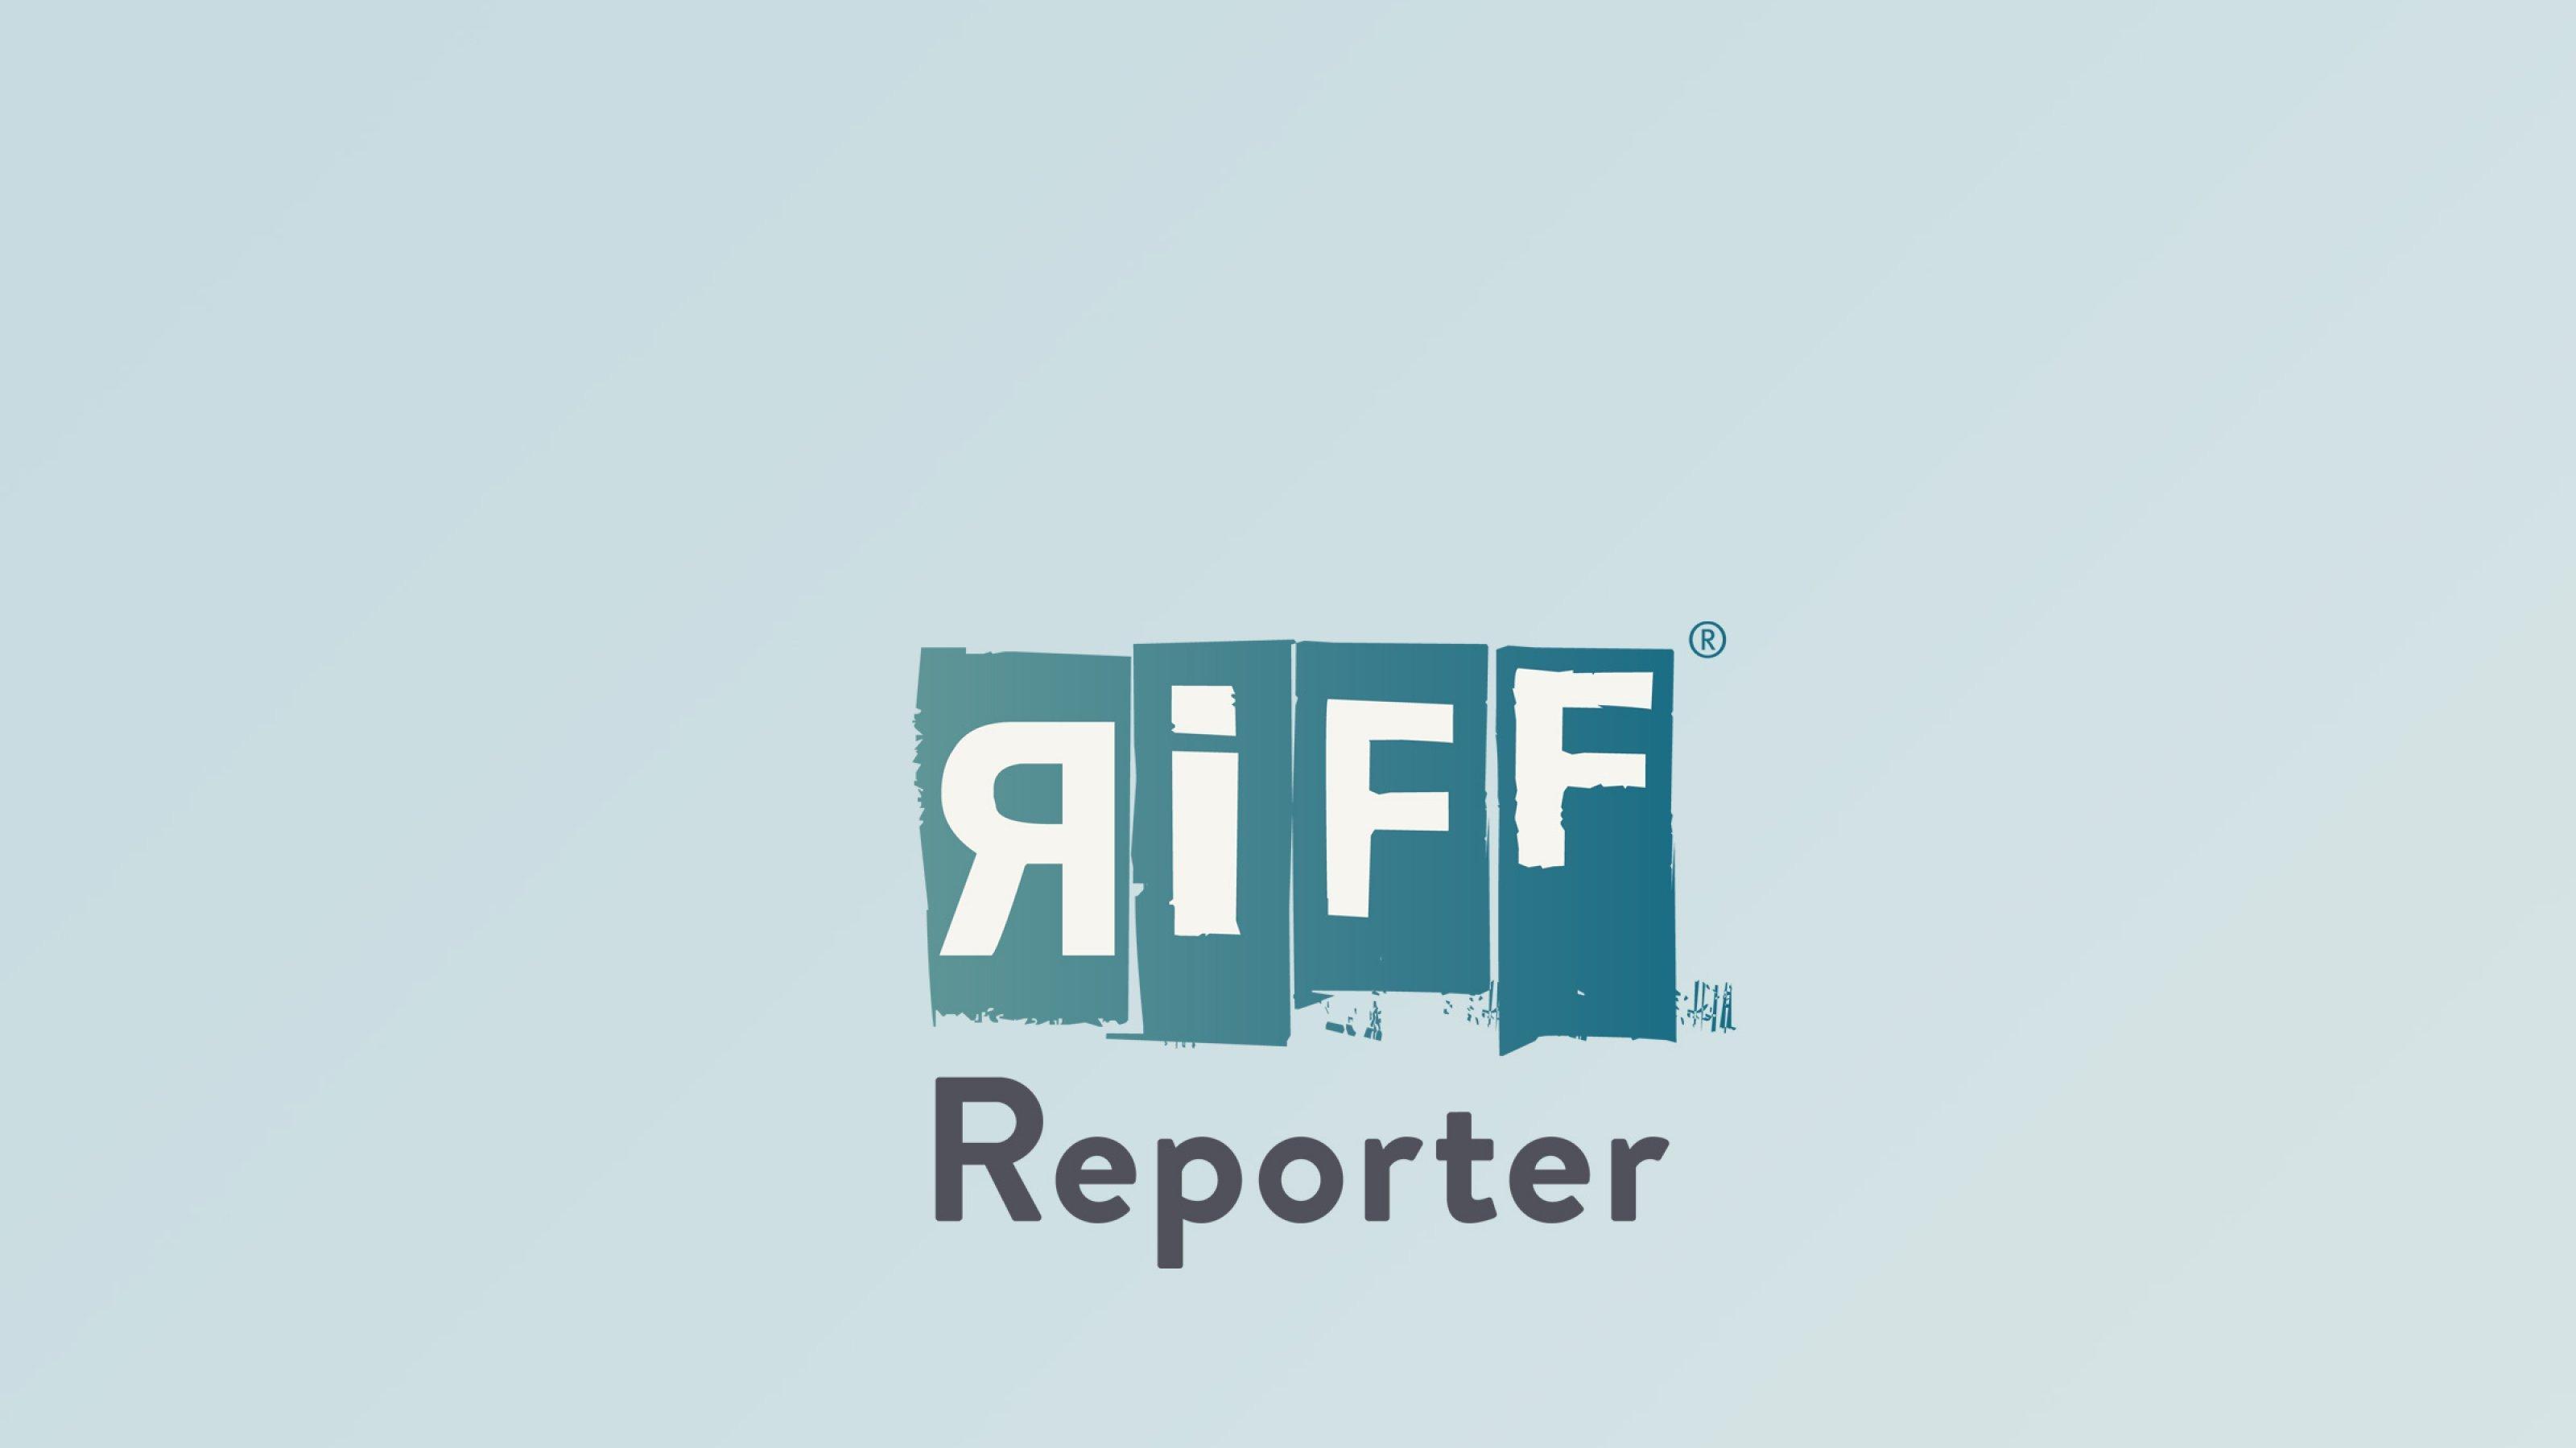 Die Grafik zeigt Menschen auf Uhren laufen und herunterfallen. Das Bild symbolisiert das Zeitdilemma, in dem Berufstätige stecken, die gleichzeitig Angehörige pflegen.